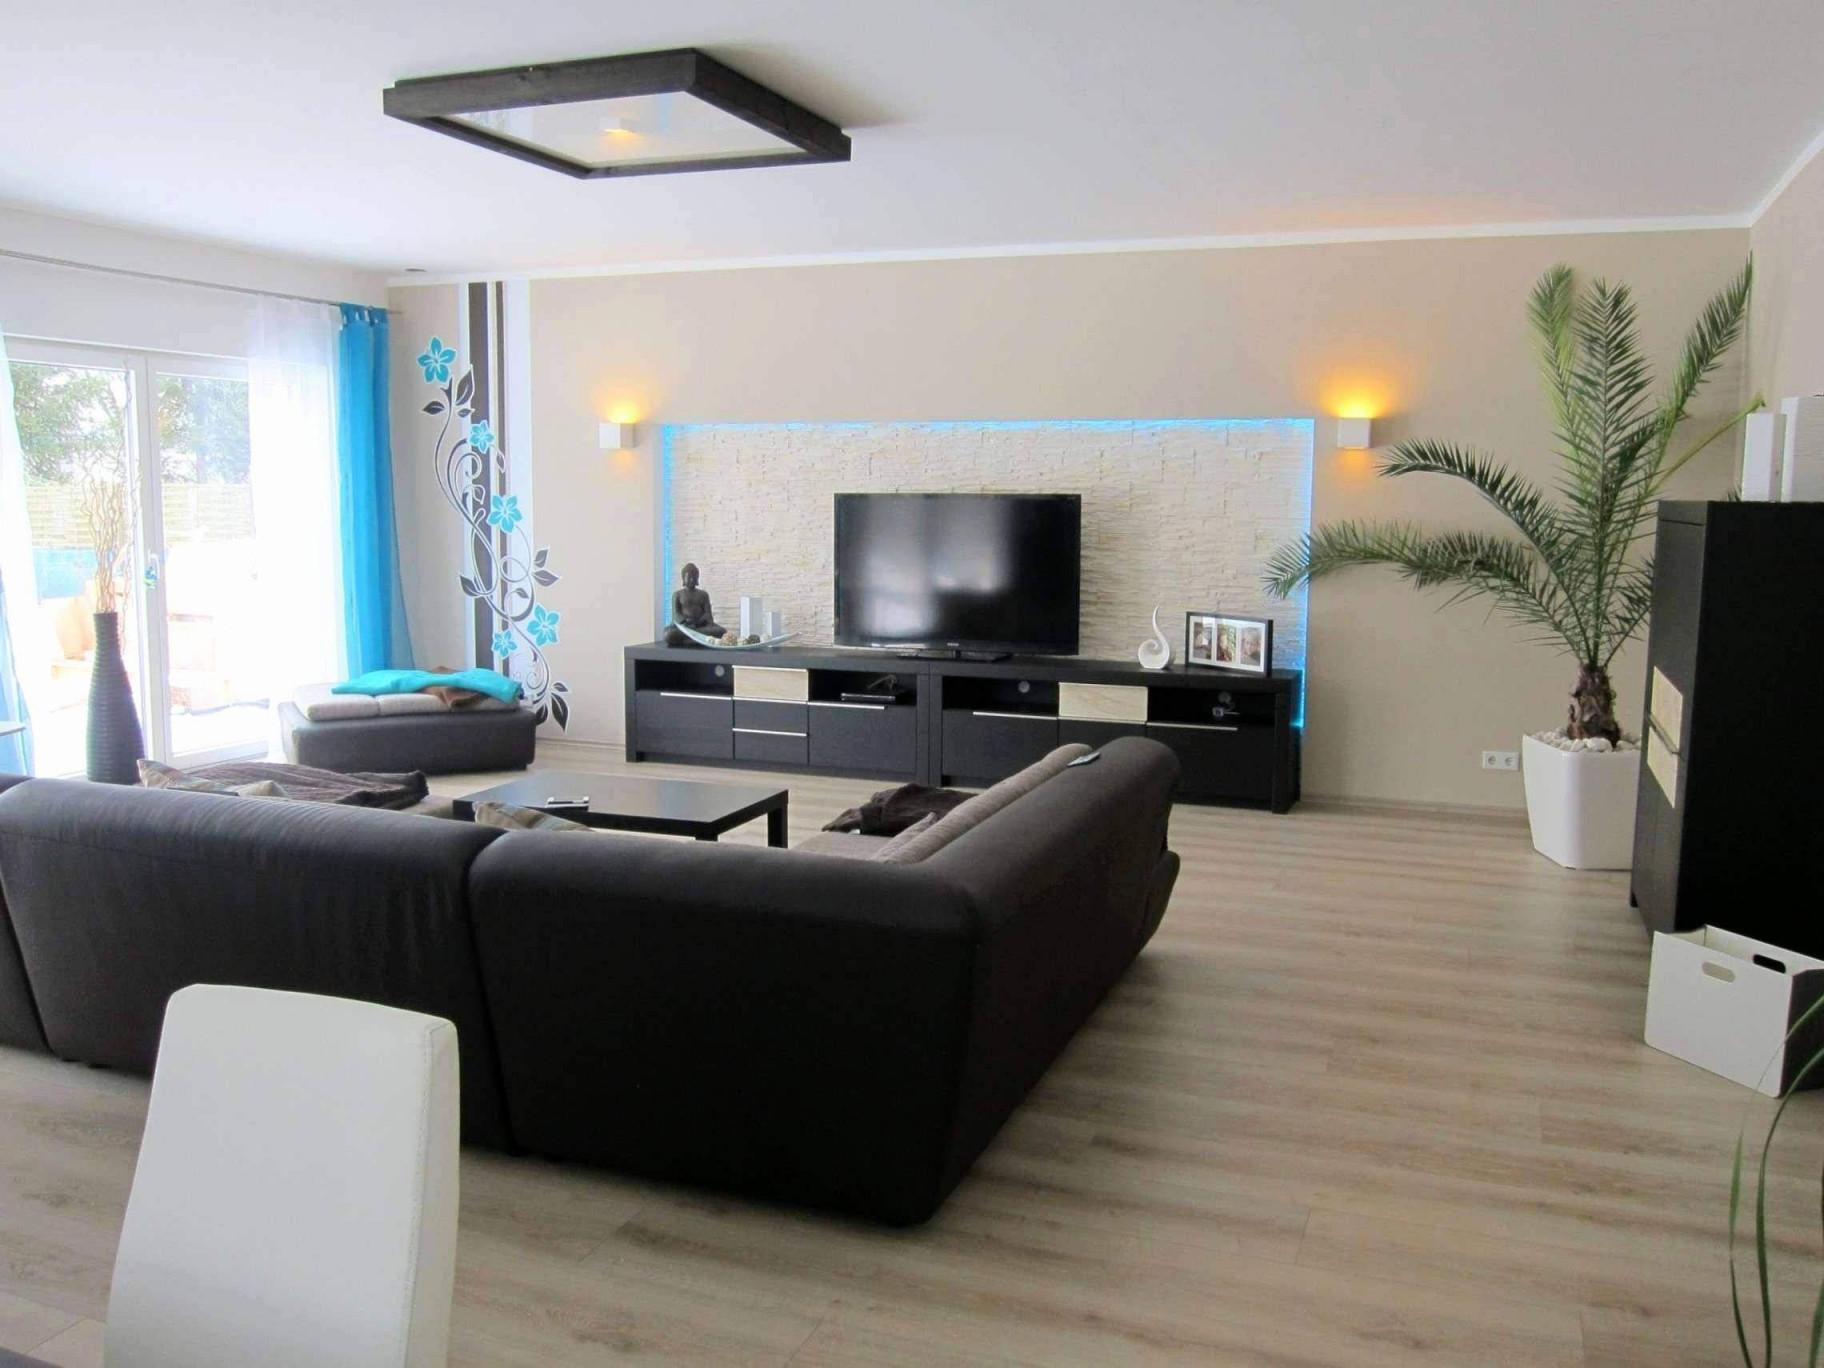 29 Luxus Wohnzimmer Einrichten Ideen Genial  Wohnzimmer Frisch von Einrichtung Wohnzimmer Ideen Photo